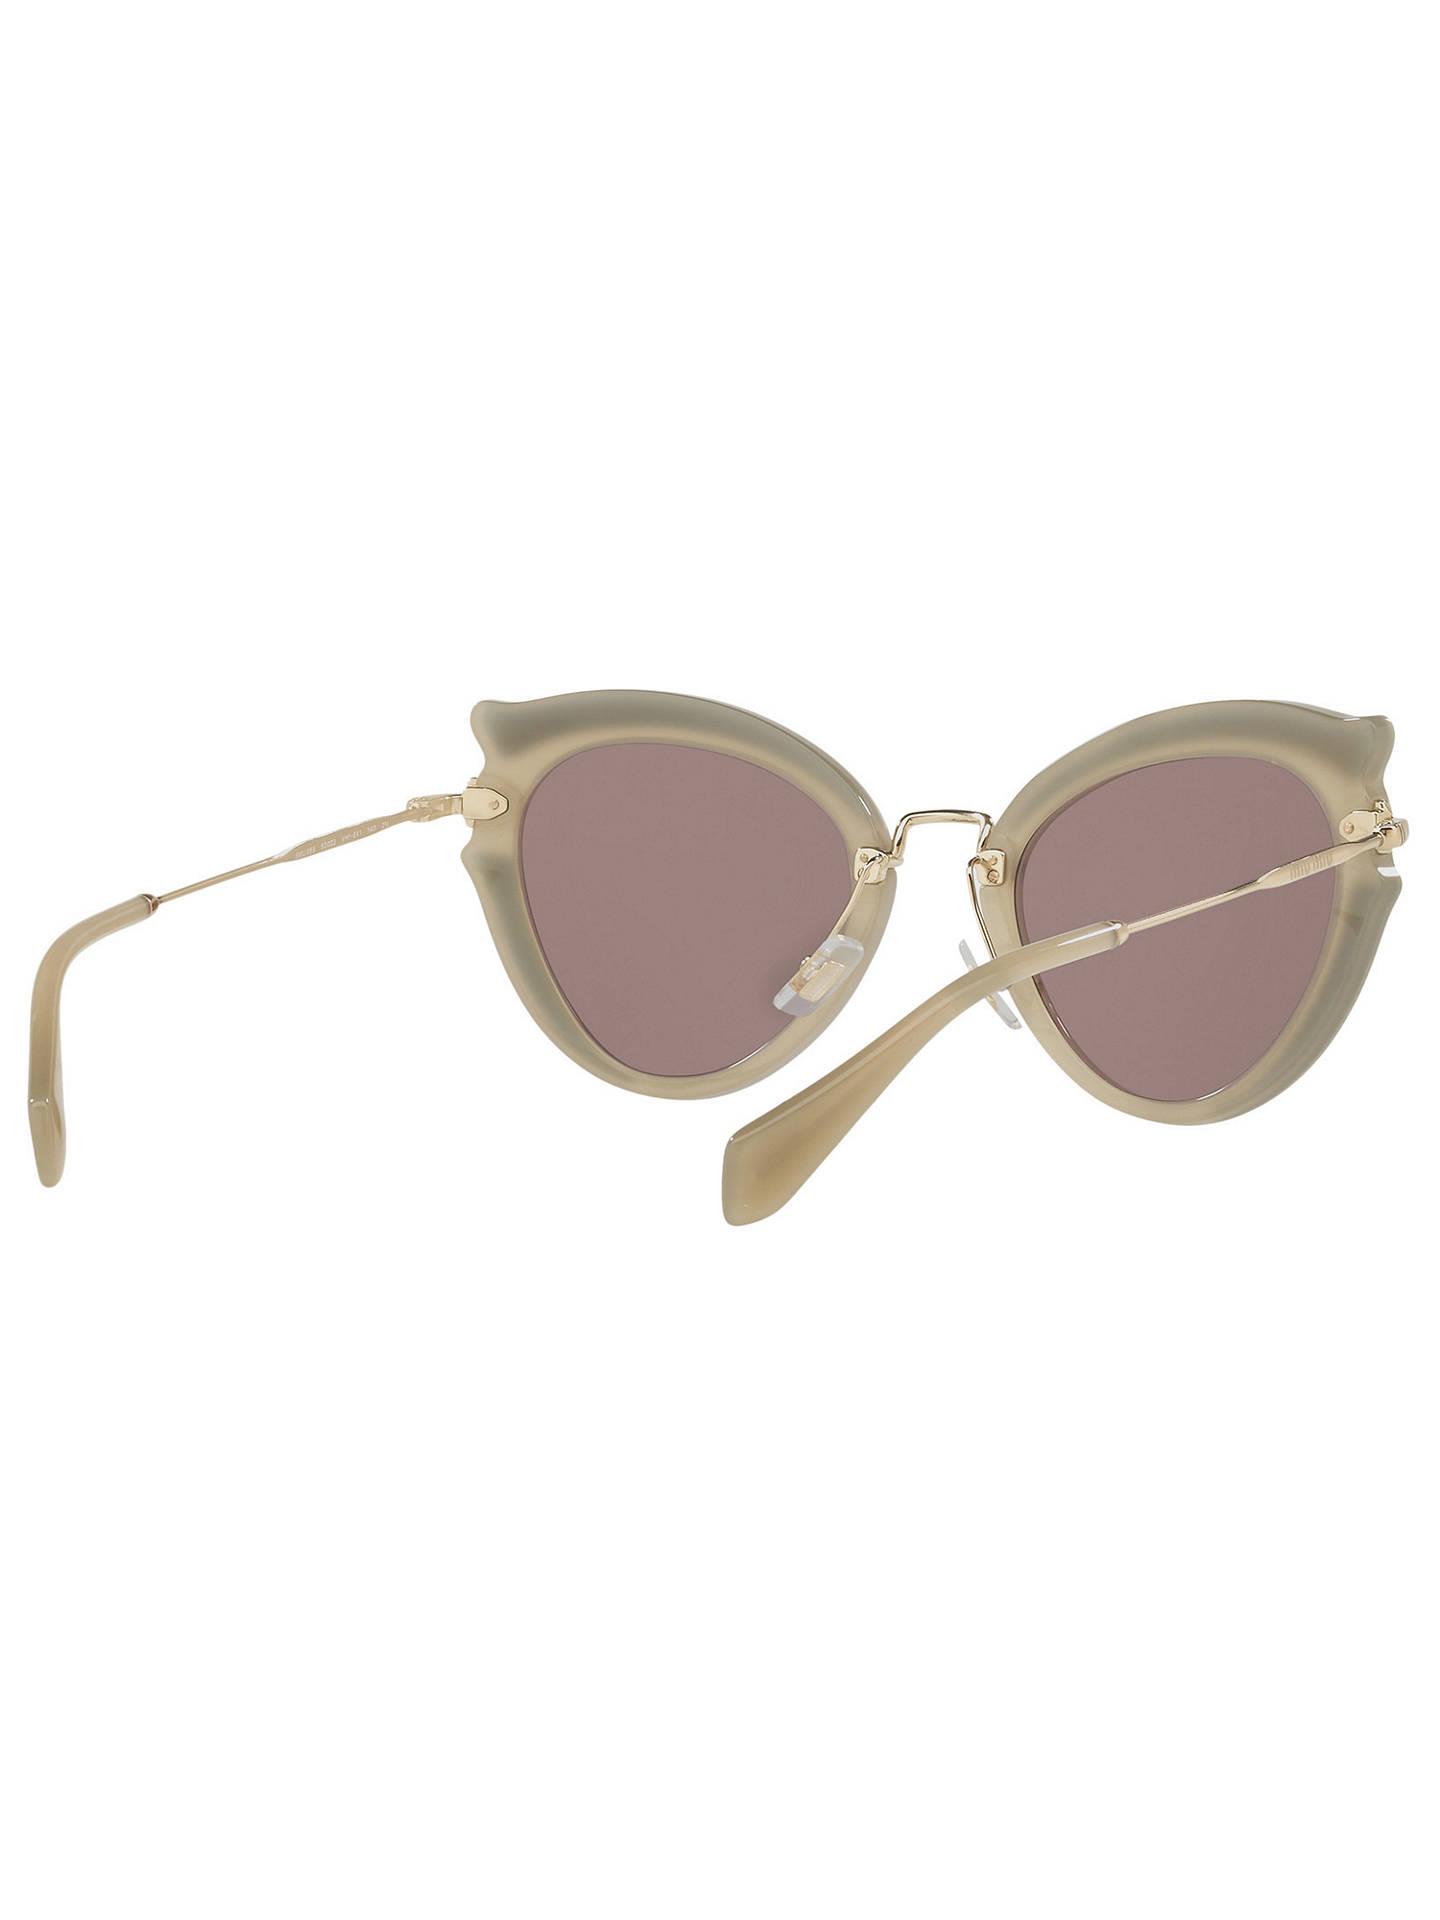 d2f49c9480 ... Buy Miu Miu MU 05SS Cat s Eye Sunglasses